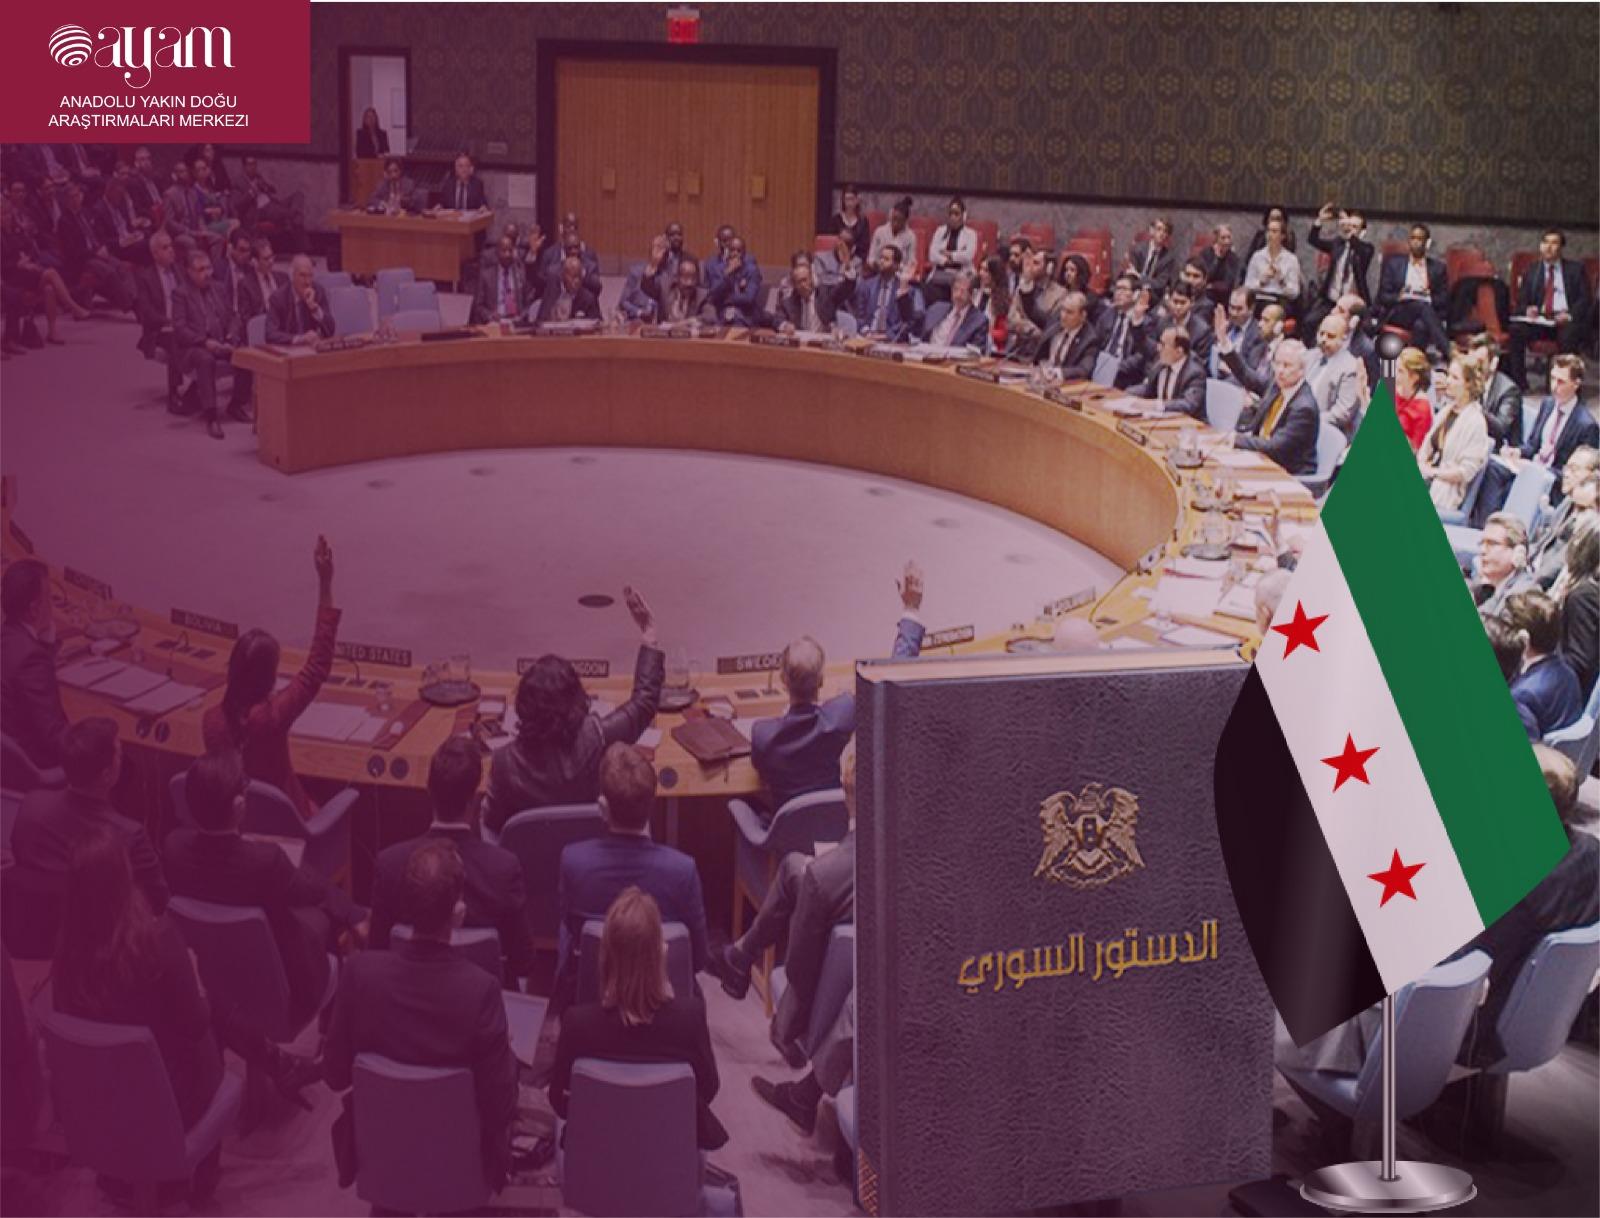 Suriye Anayasa Komisyonu Olusum Ve Isleyis Sorunlari Anadolu Yakin Dogu Arastirmalari Merkezi